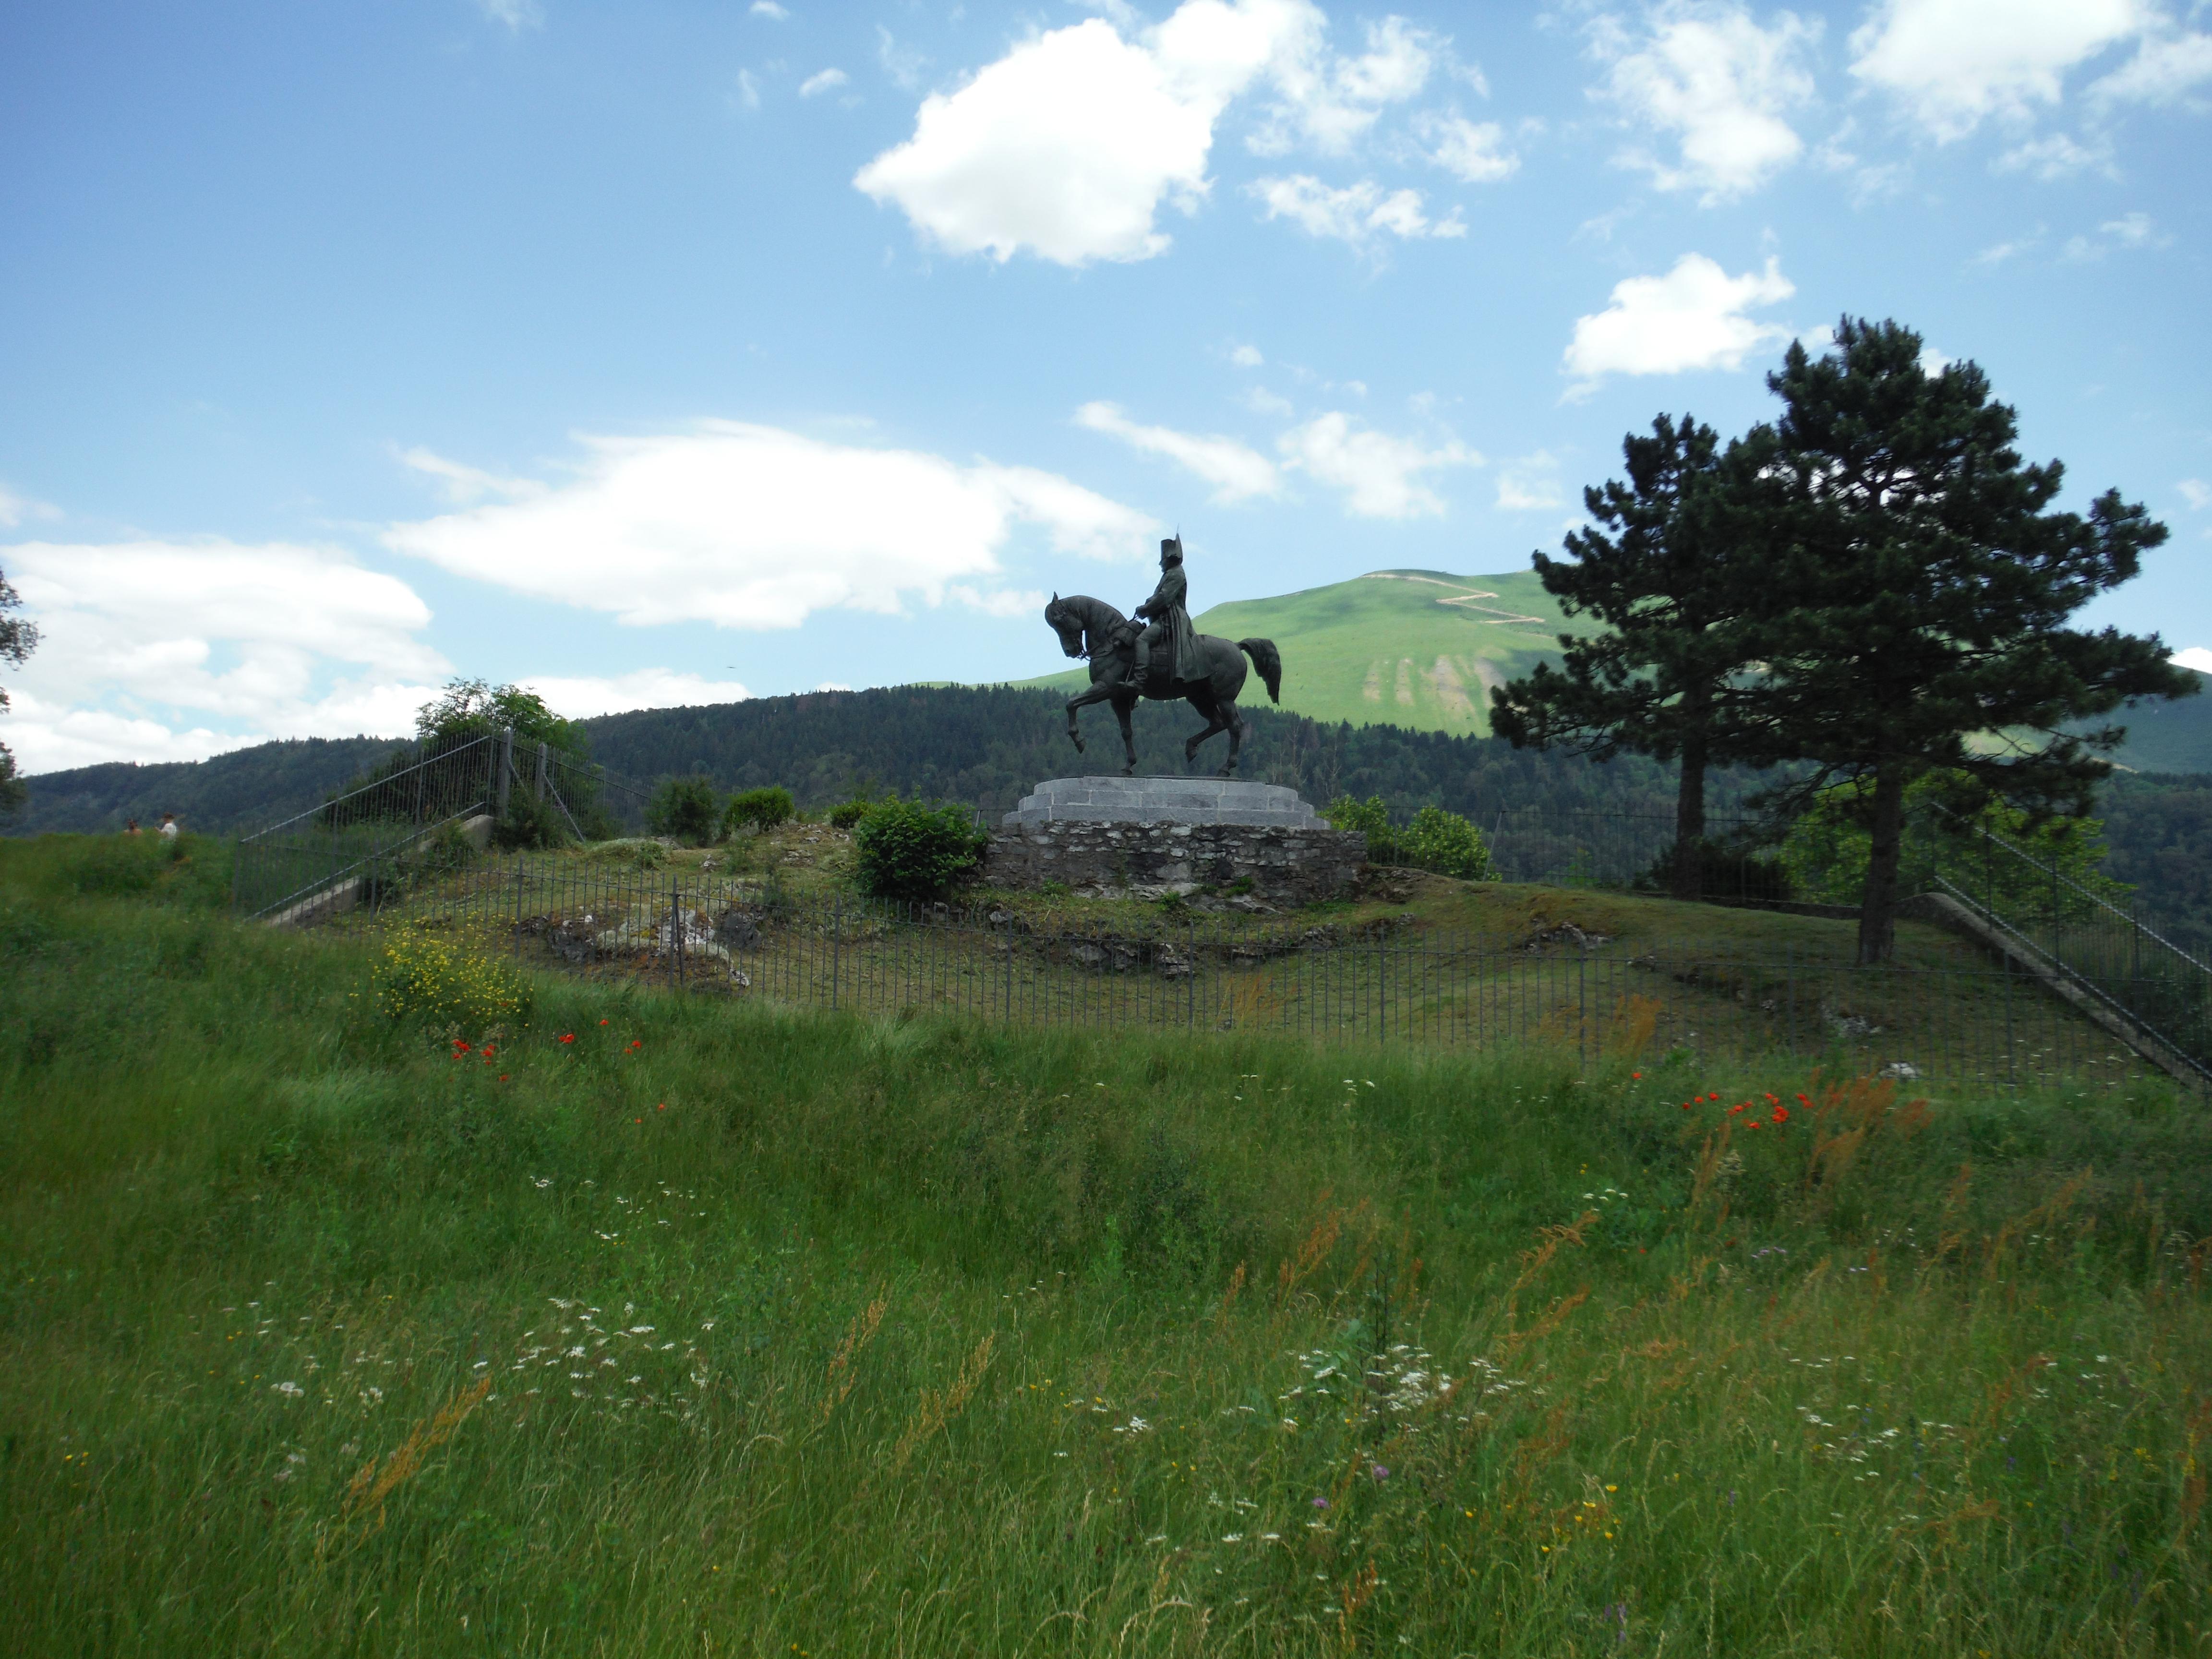 Prairie de la rencontre statue napoléon